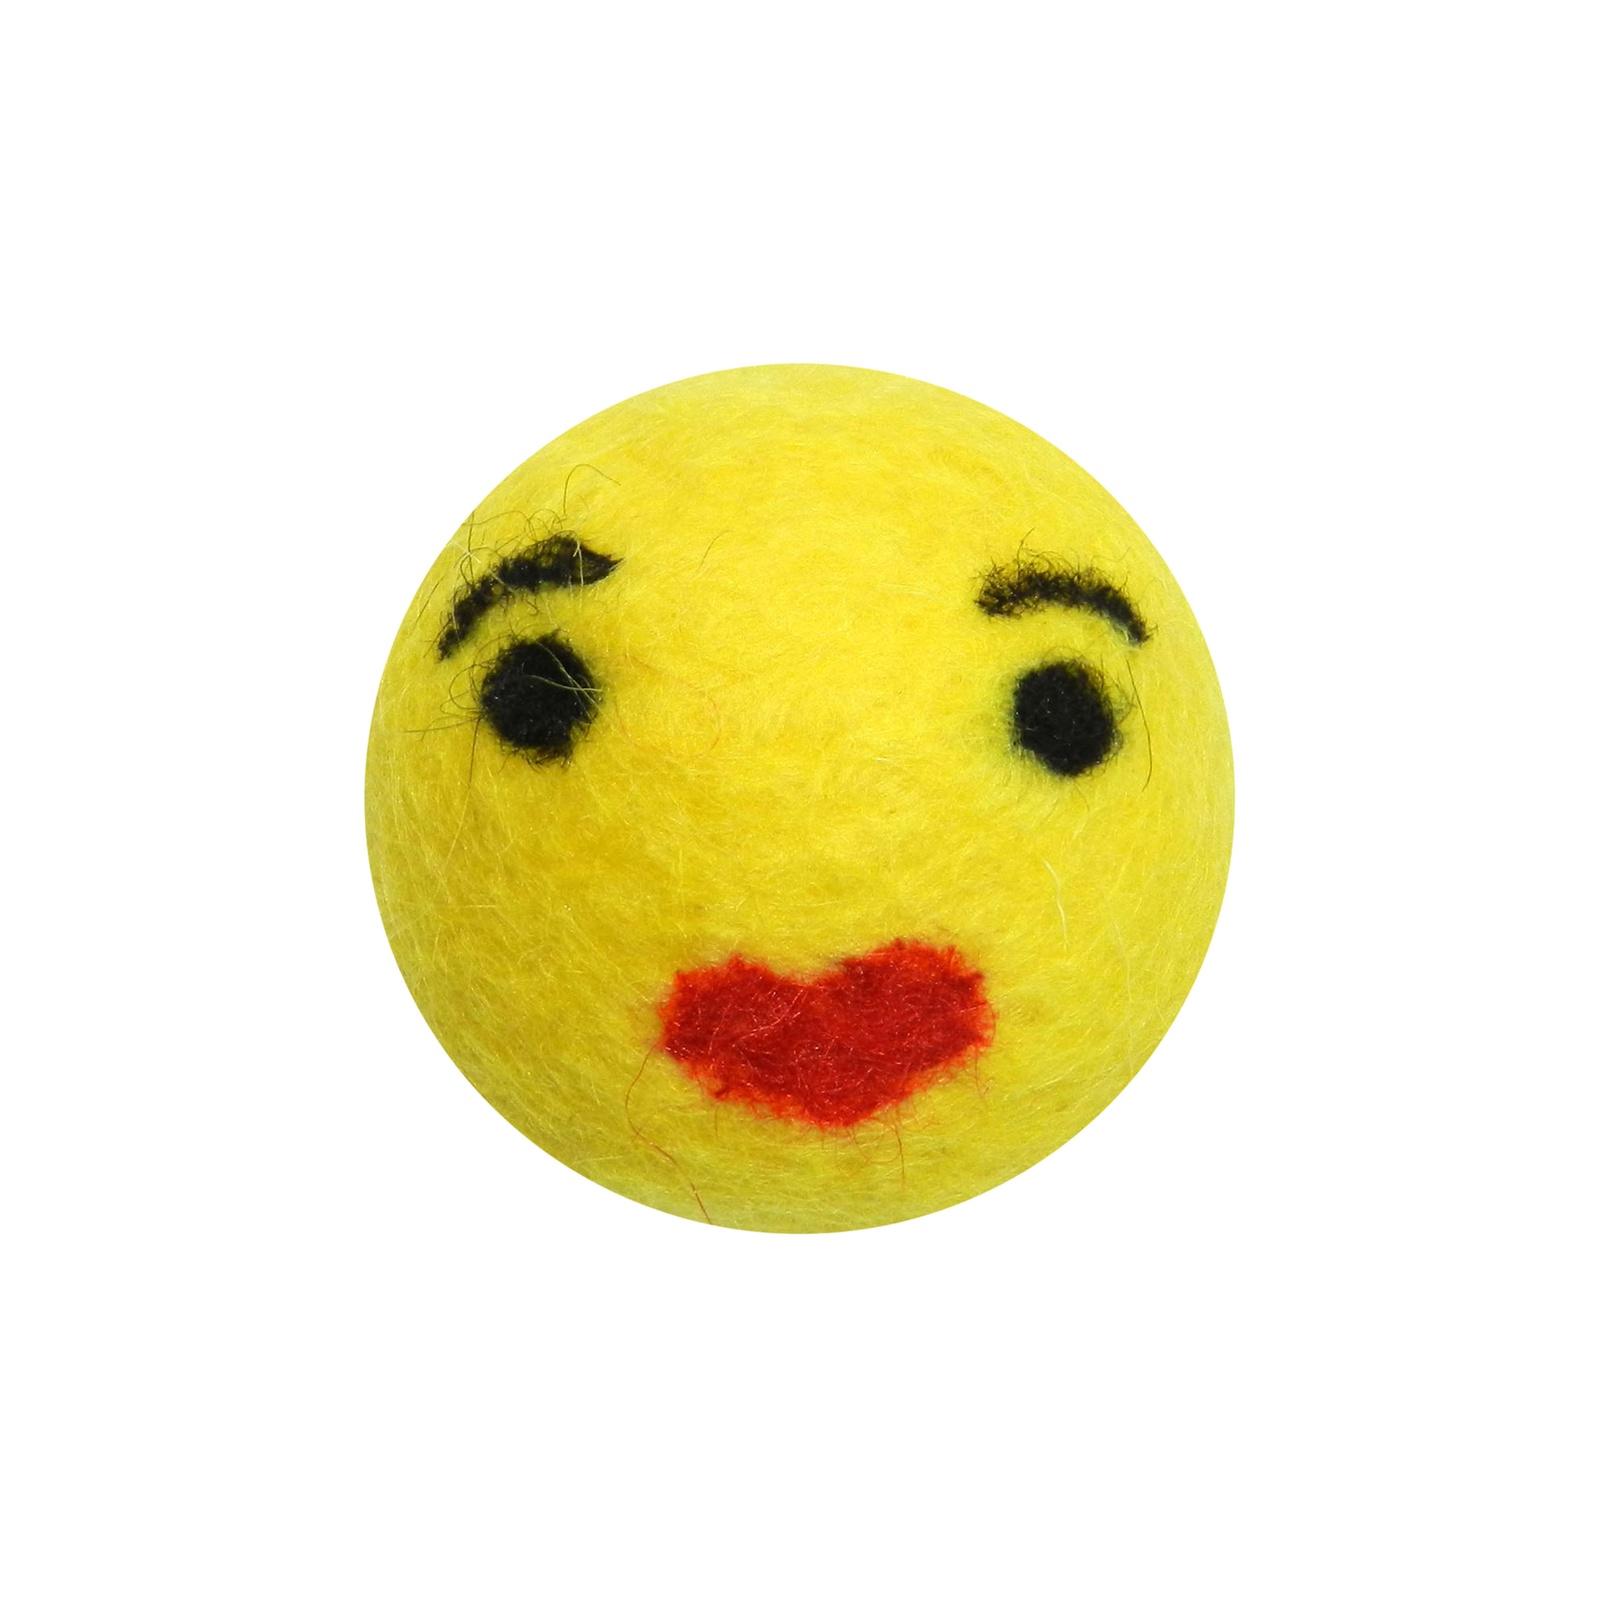 Игрушка для животных LIVEZOO Мяч из шерсти Smile Поцелуй 4 см1118Игрушка из 100% овечьей шерсти. Гипоаллергенная. Абсолютно безопасна, организм животного приспособлен переваривать шерсть, чистит зубки. Предназначена как для кошек, так и для собак.